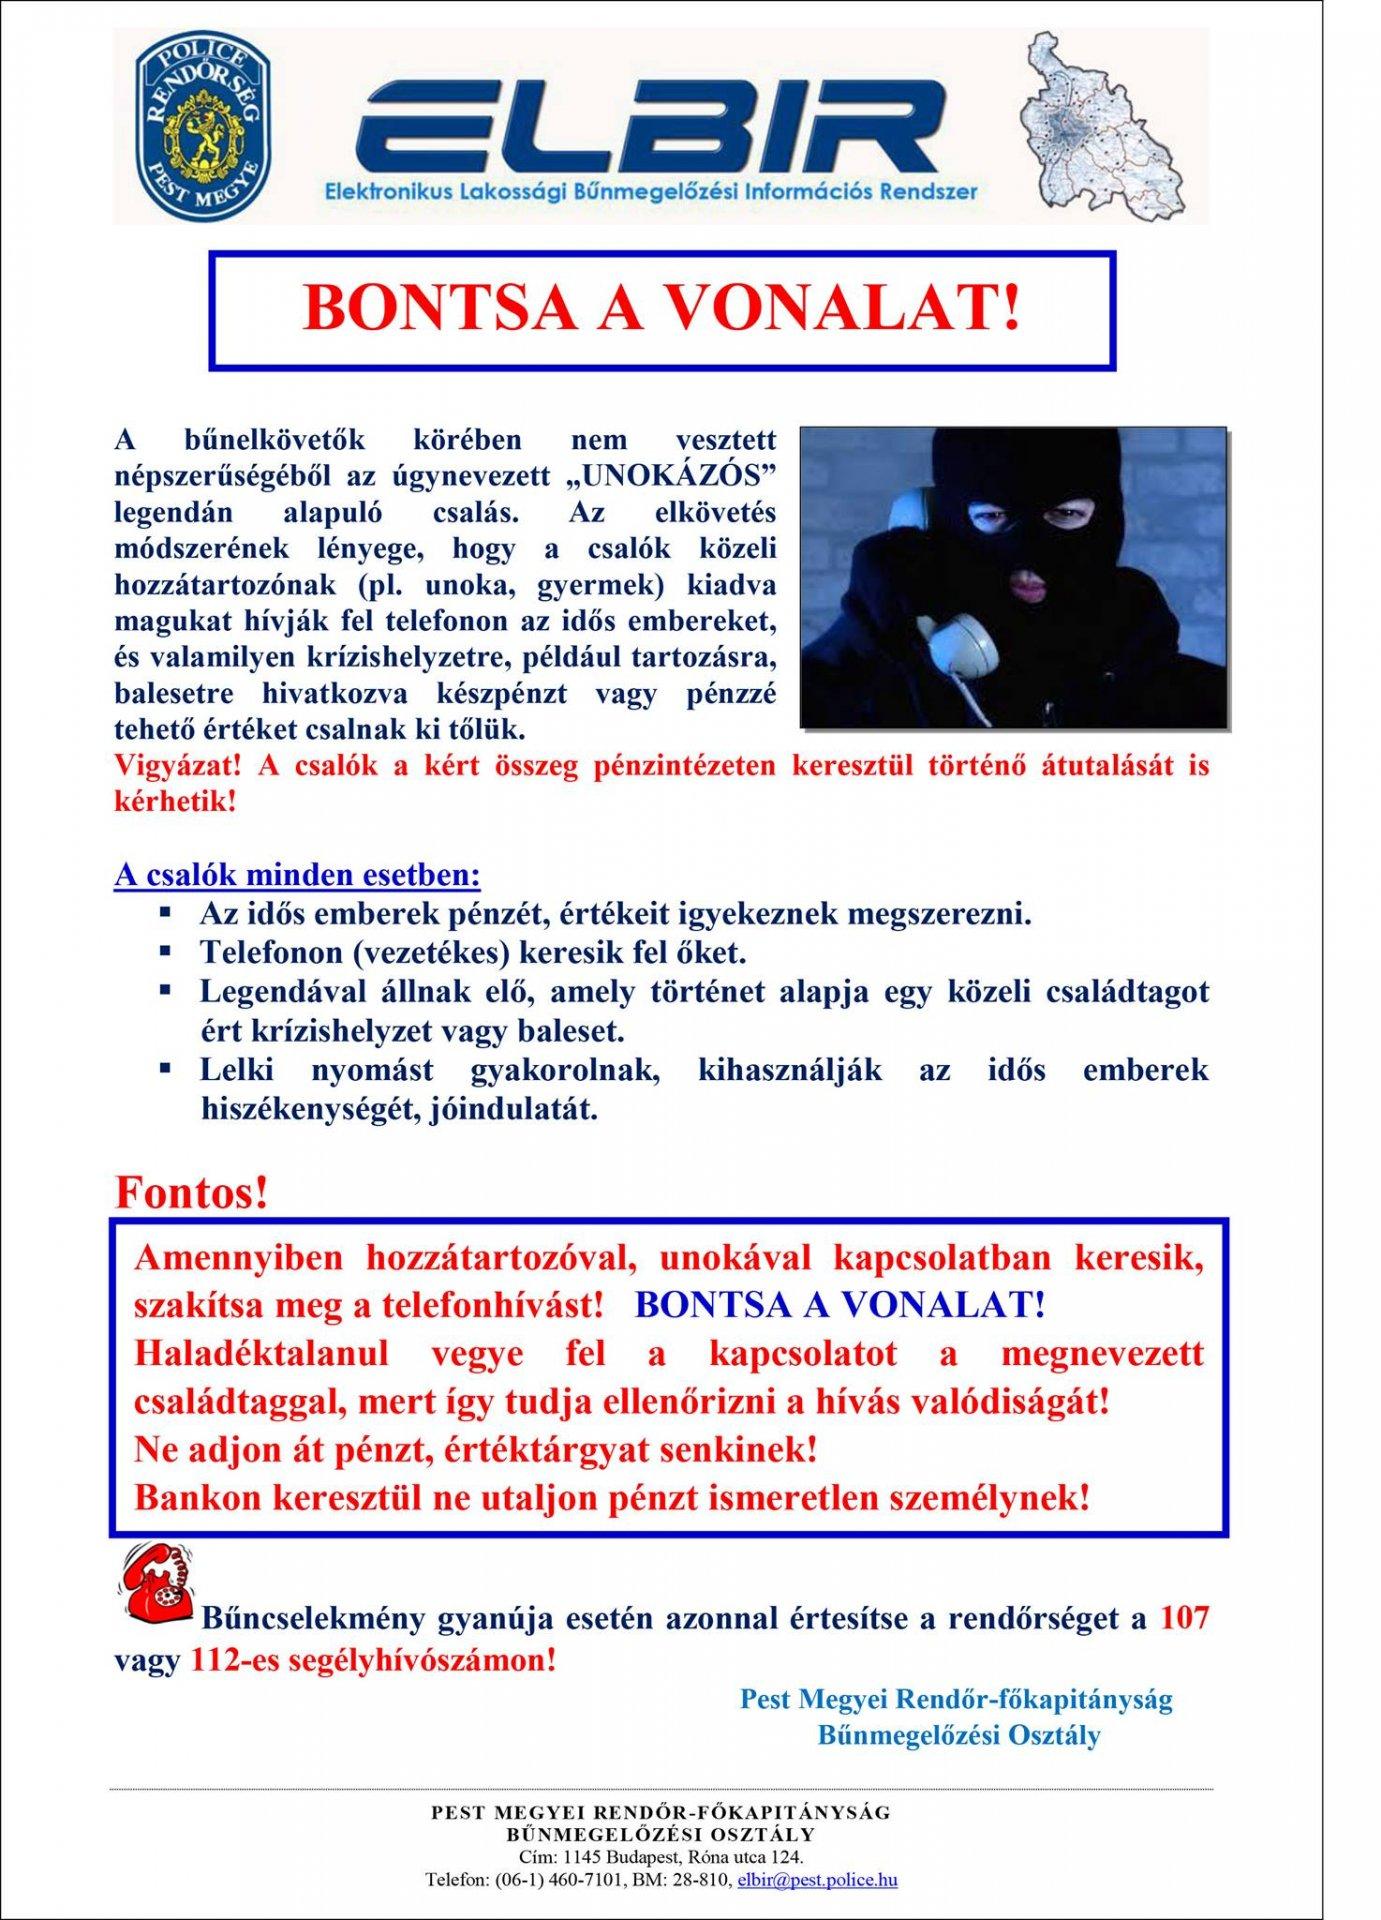 """Unokázós"""" csalás - Szentendrei Médiaközpont"""